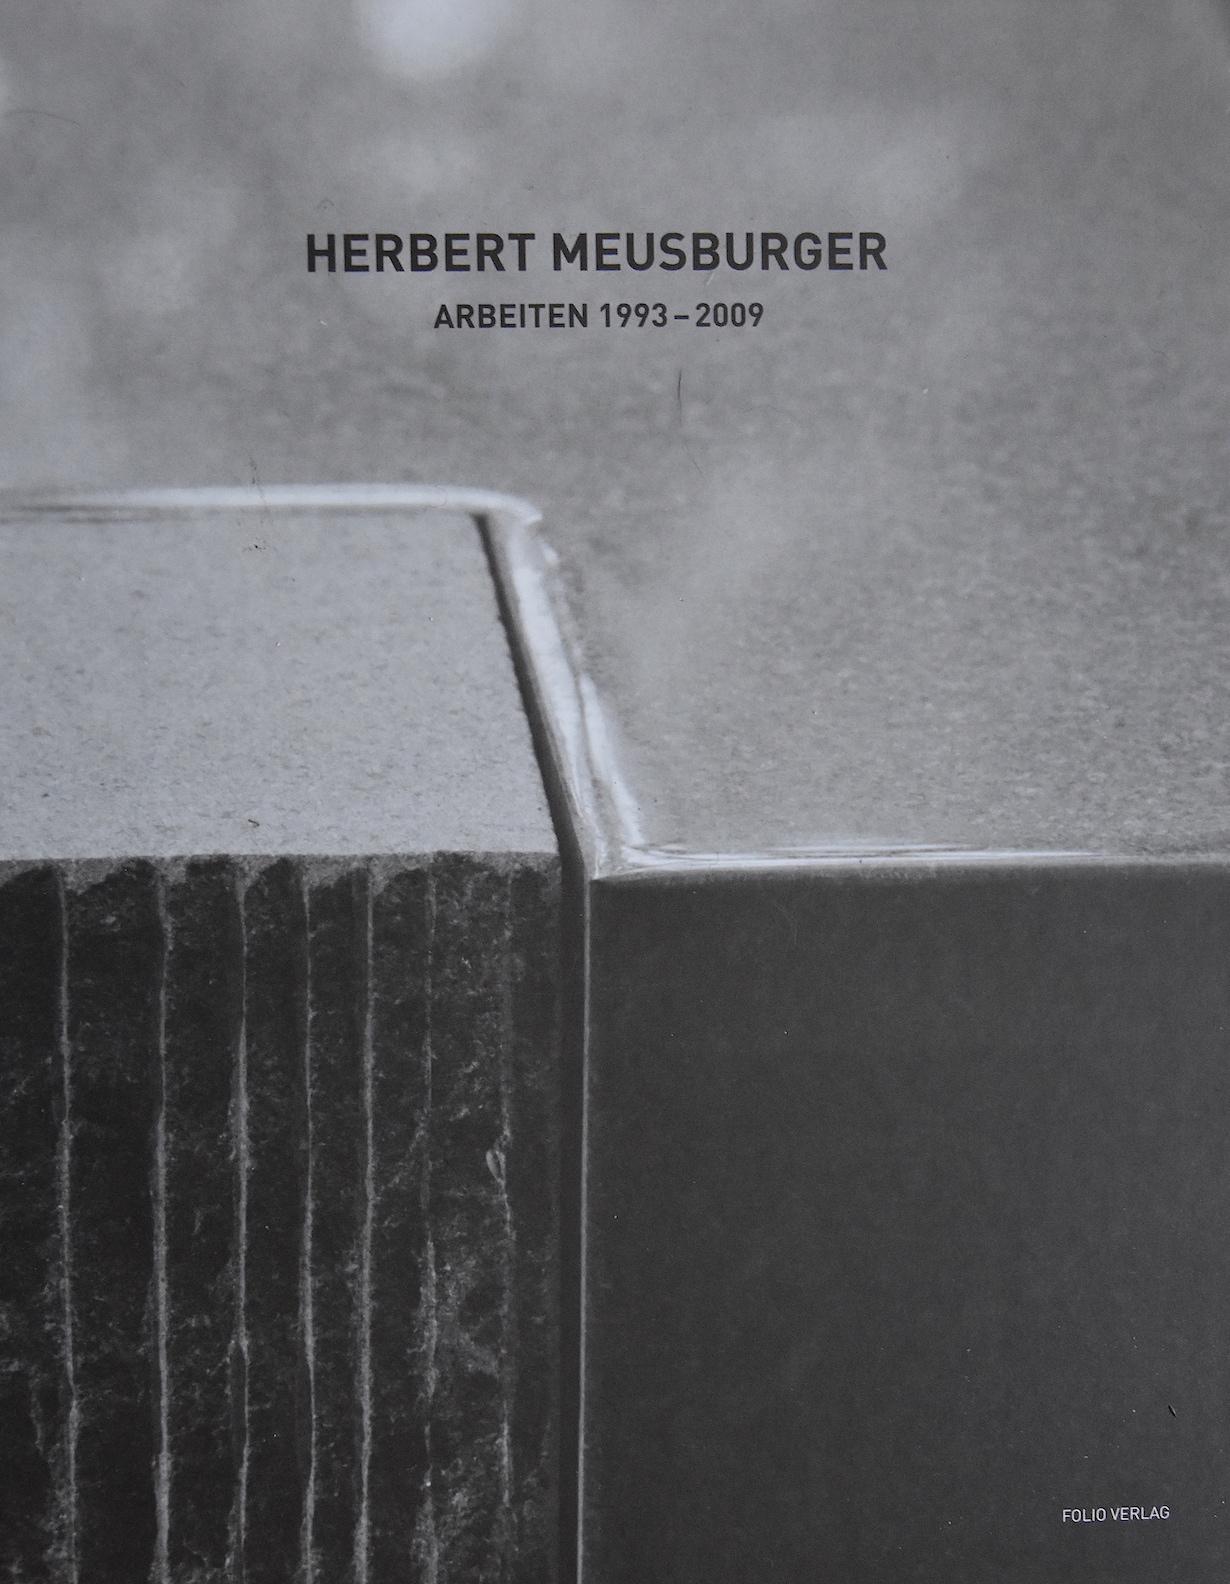 Herbert Meusburger: Arbeiten 1993 - 2009, Folio Verlag Wien/Bozen